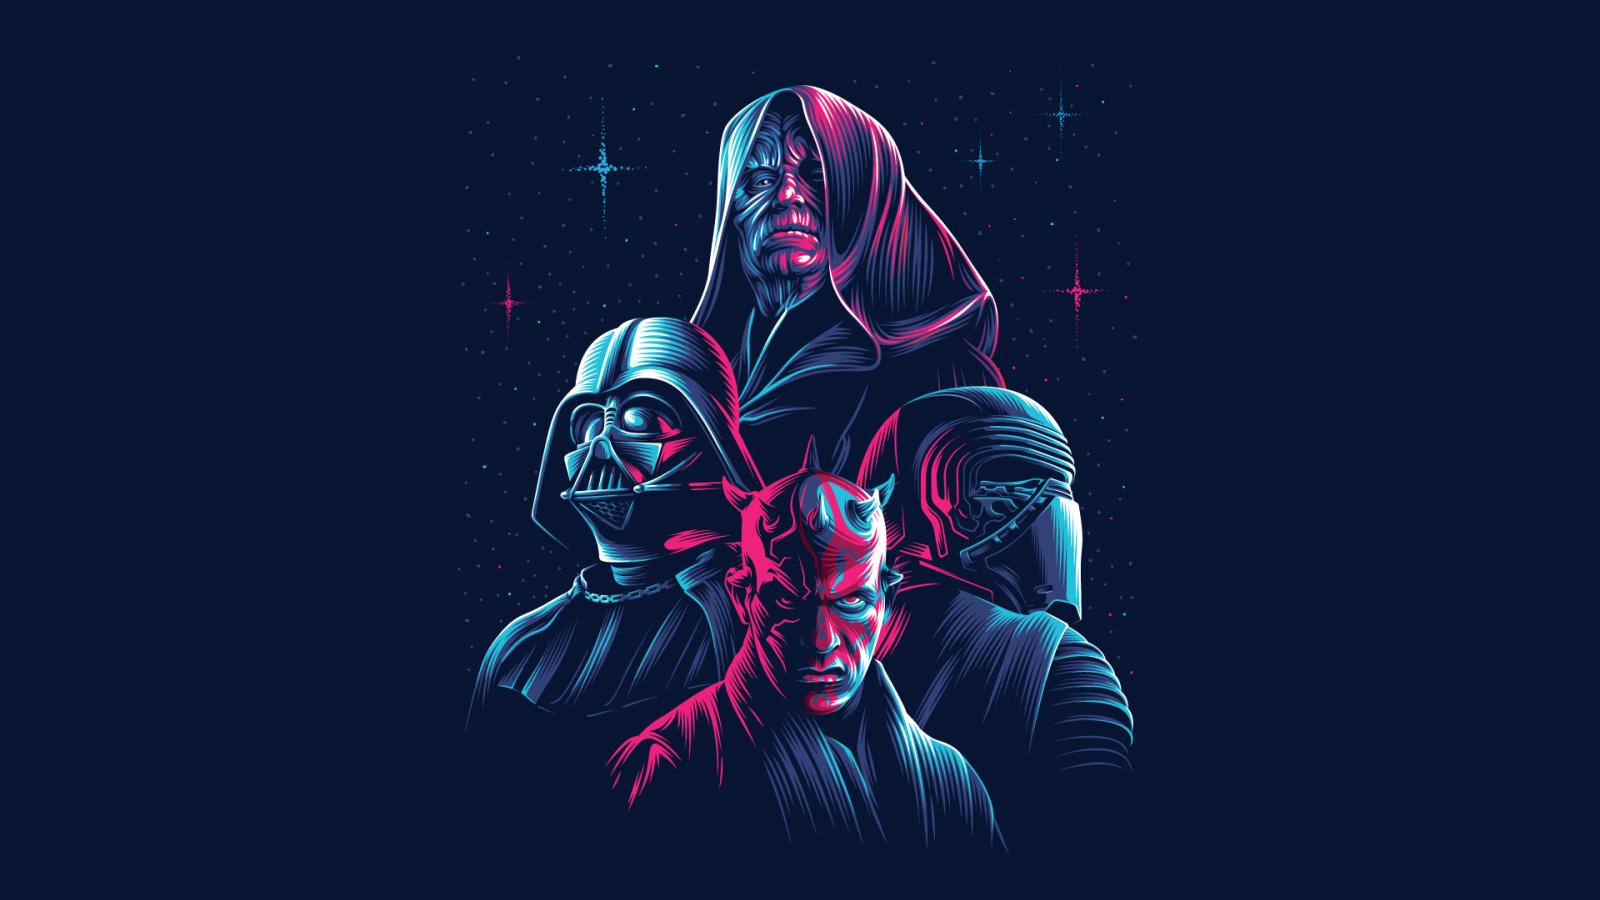 1600x900 Star Wars Dark Side 1600x900 Resolution Wallpaper Hd